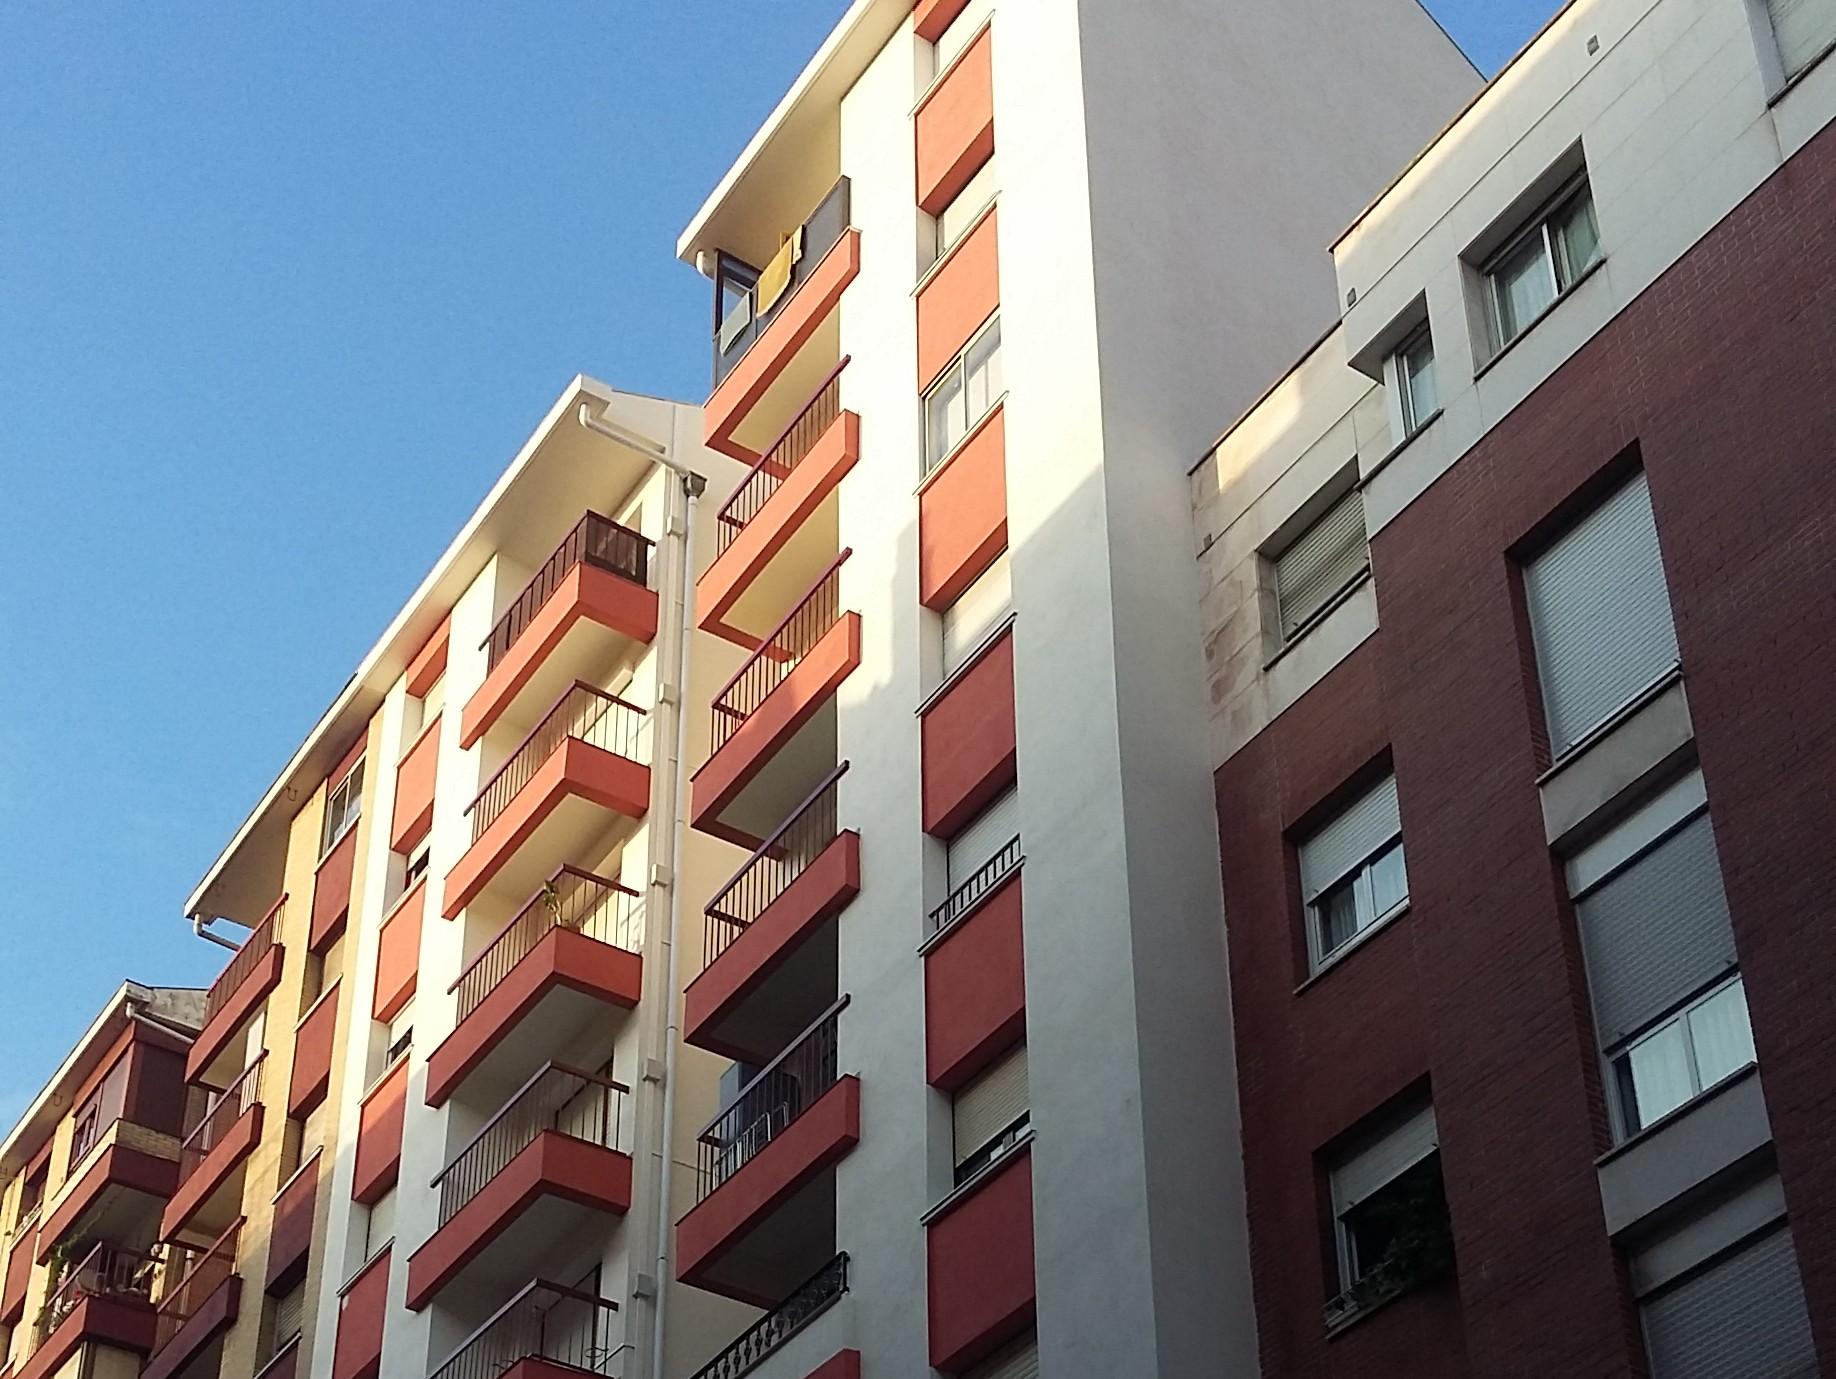 20161026_Desmontaje Andamio Villabaso_6